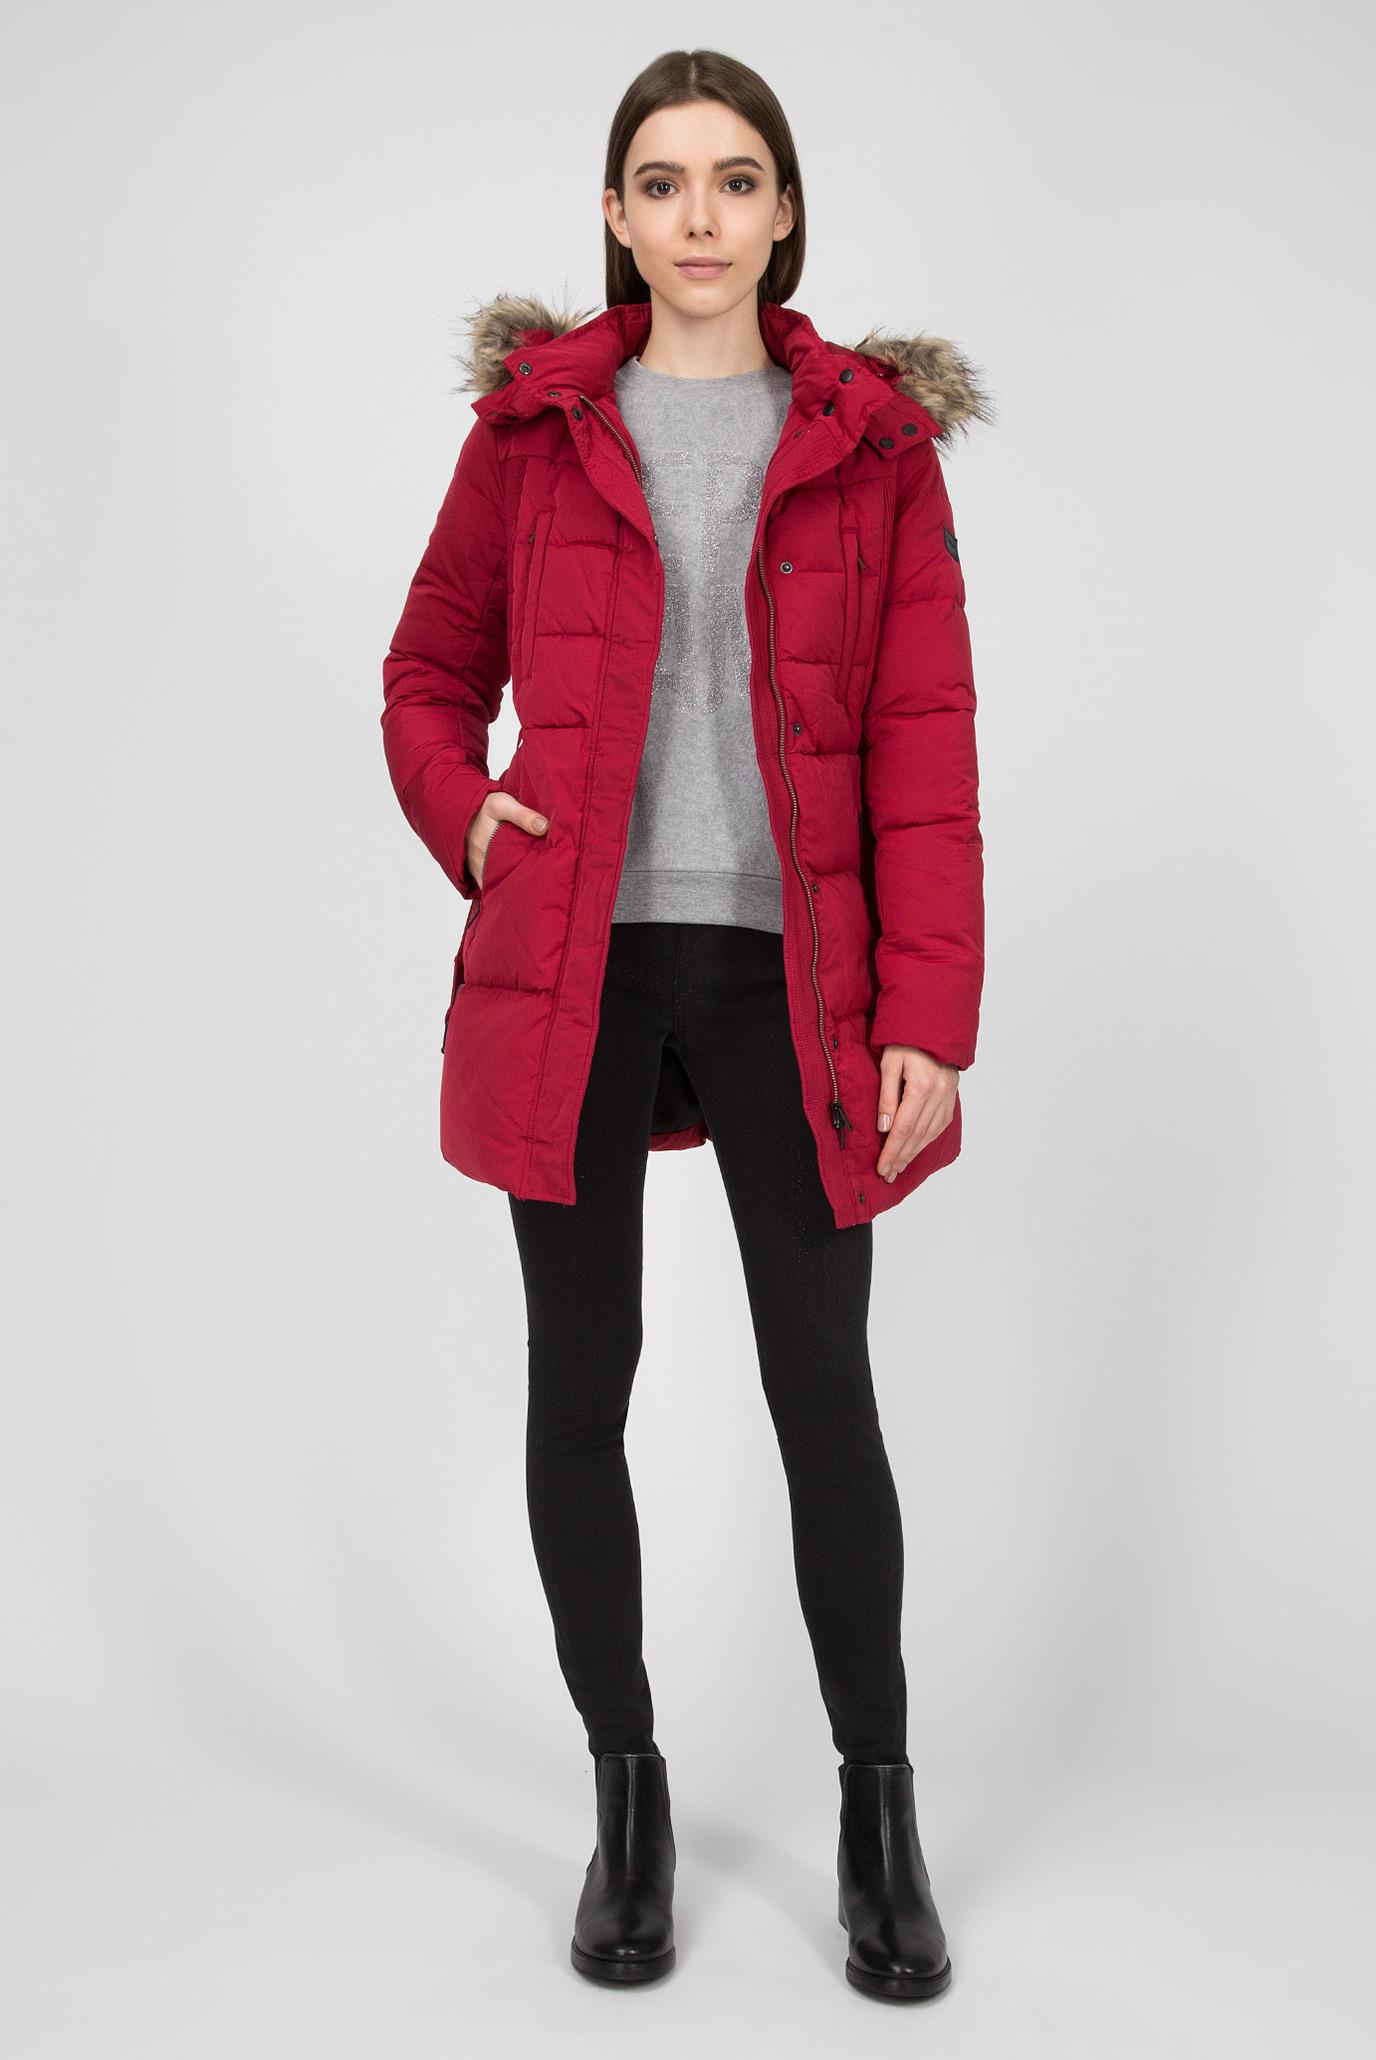 Купить Женский красный пуховик LIA Pepe Jeans Pepe Jeans PL401555 – Киев, Украина. Цены в интернет магазине MD Fashion